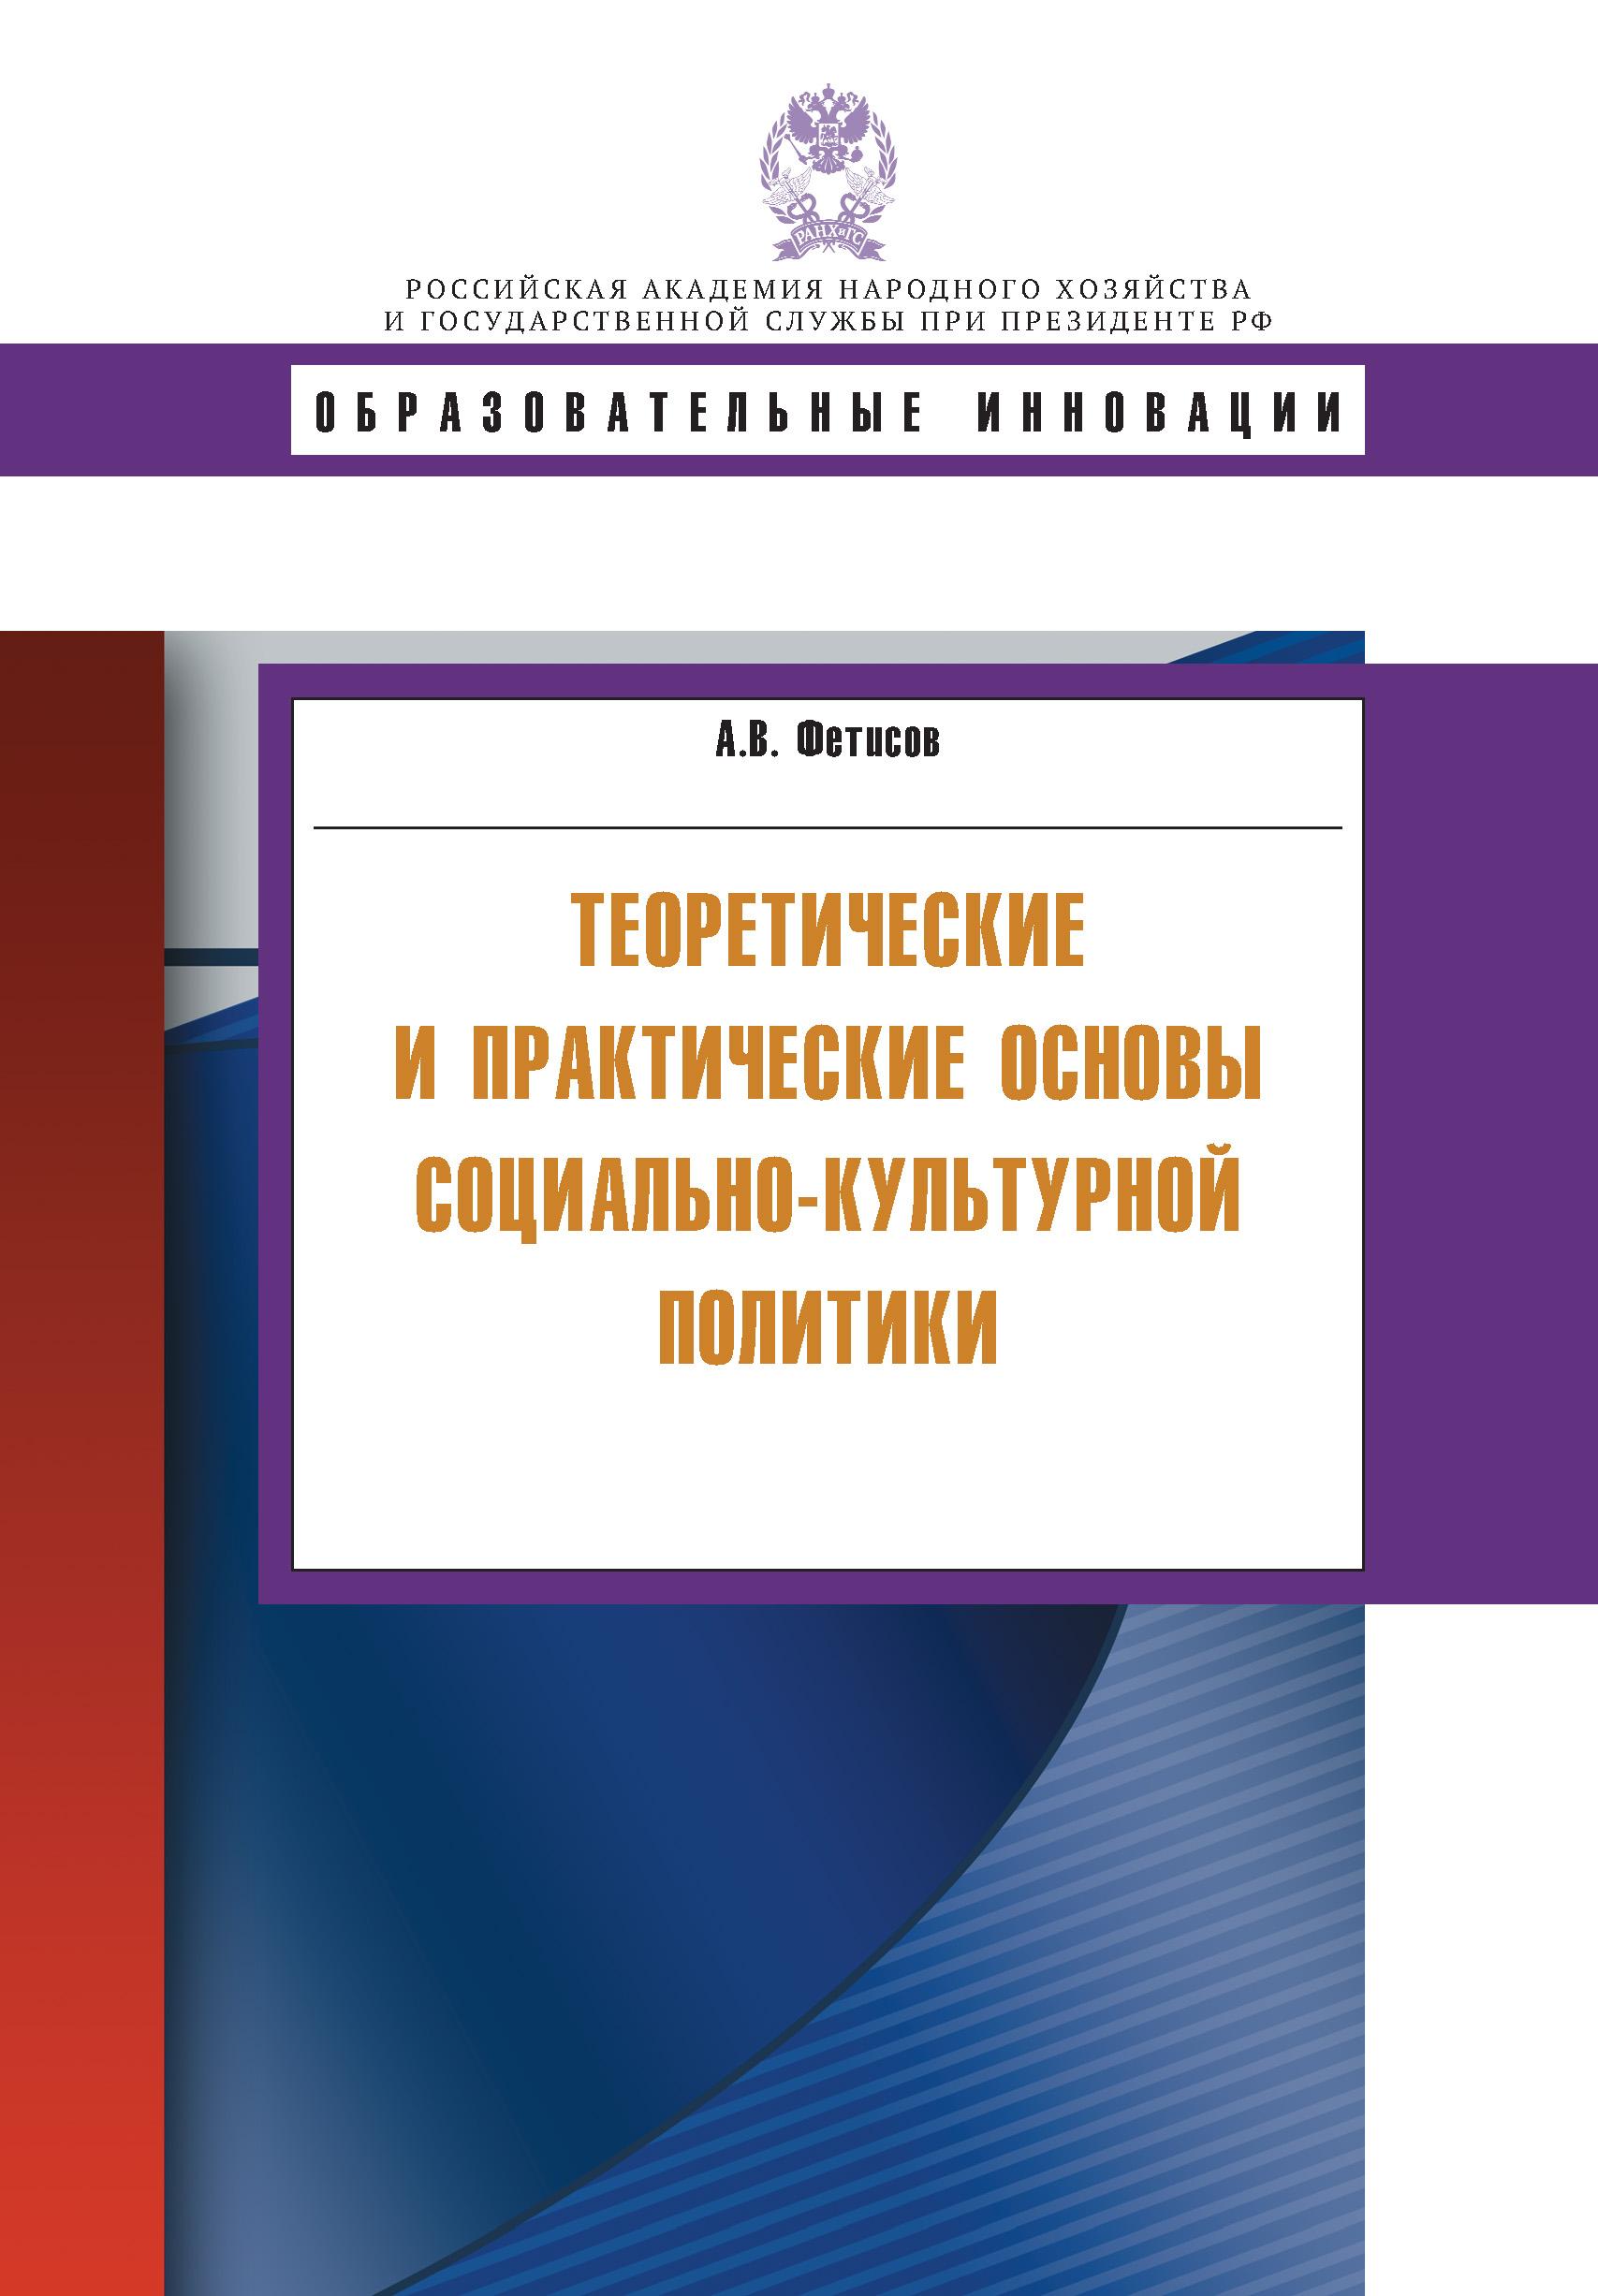 фото обложки издания Теоретические и практические основы социально-культурной политики